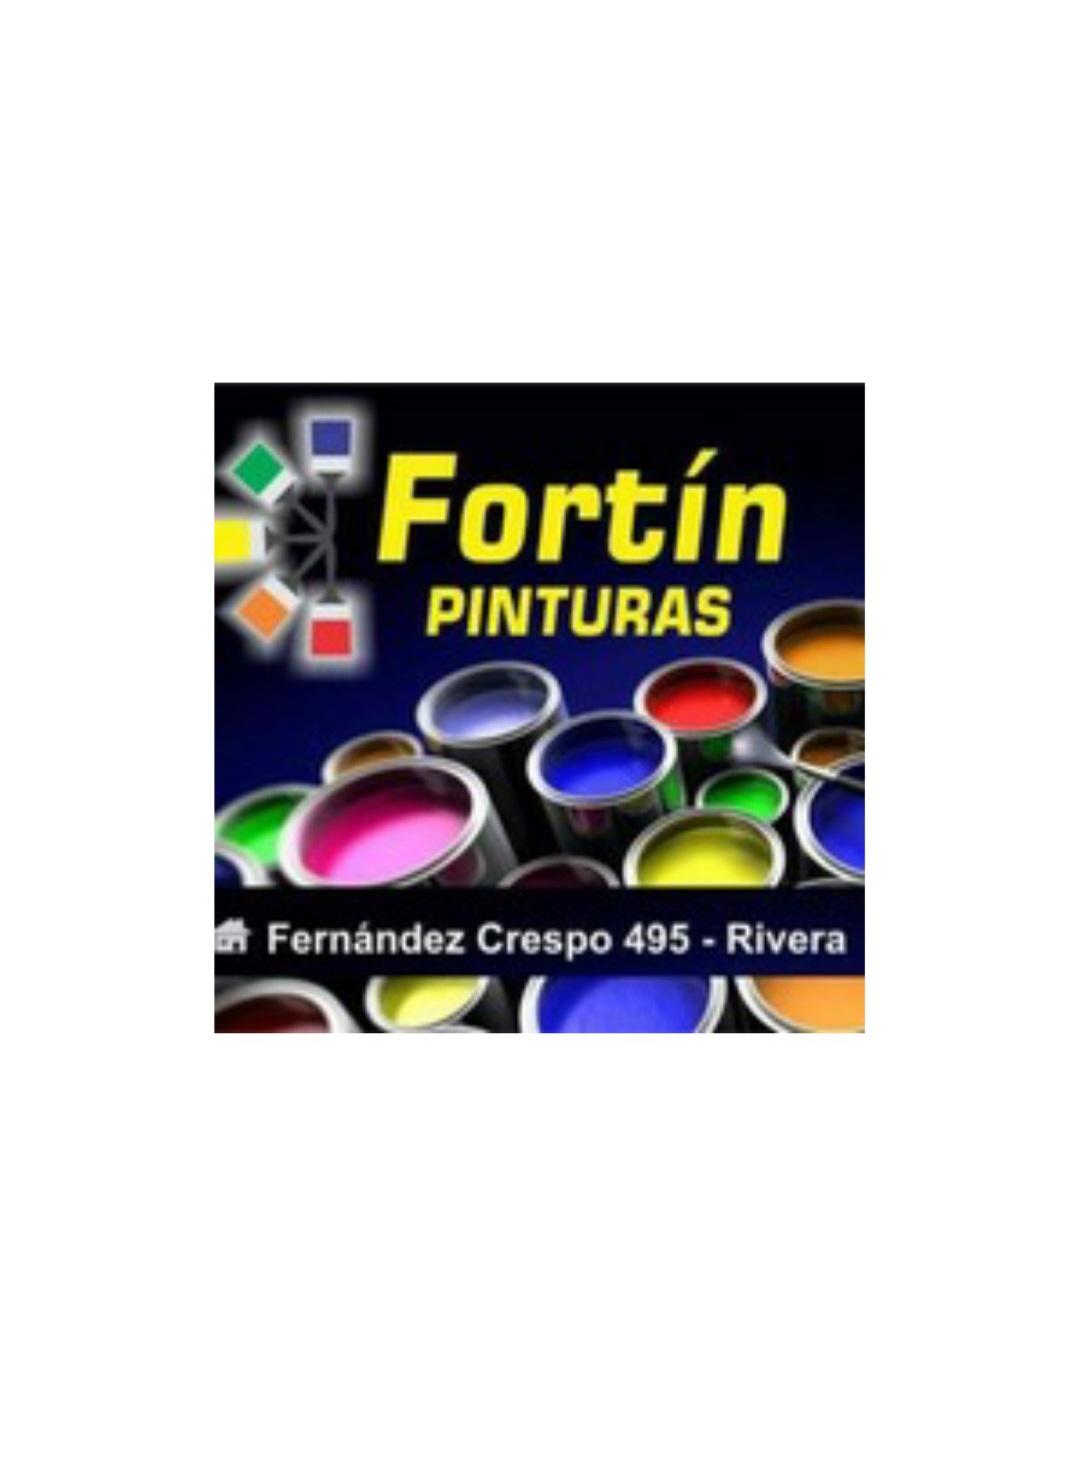 Fortín Pinturas